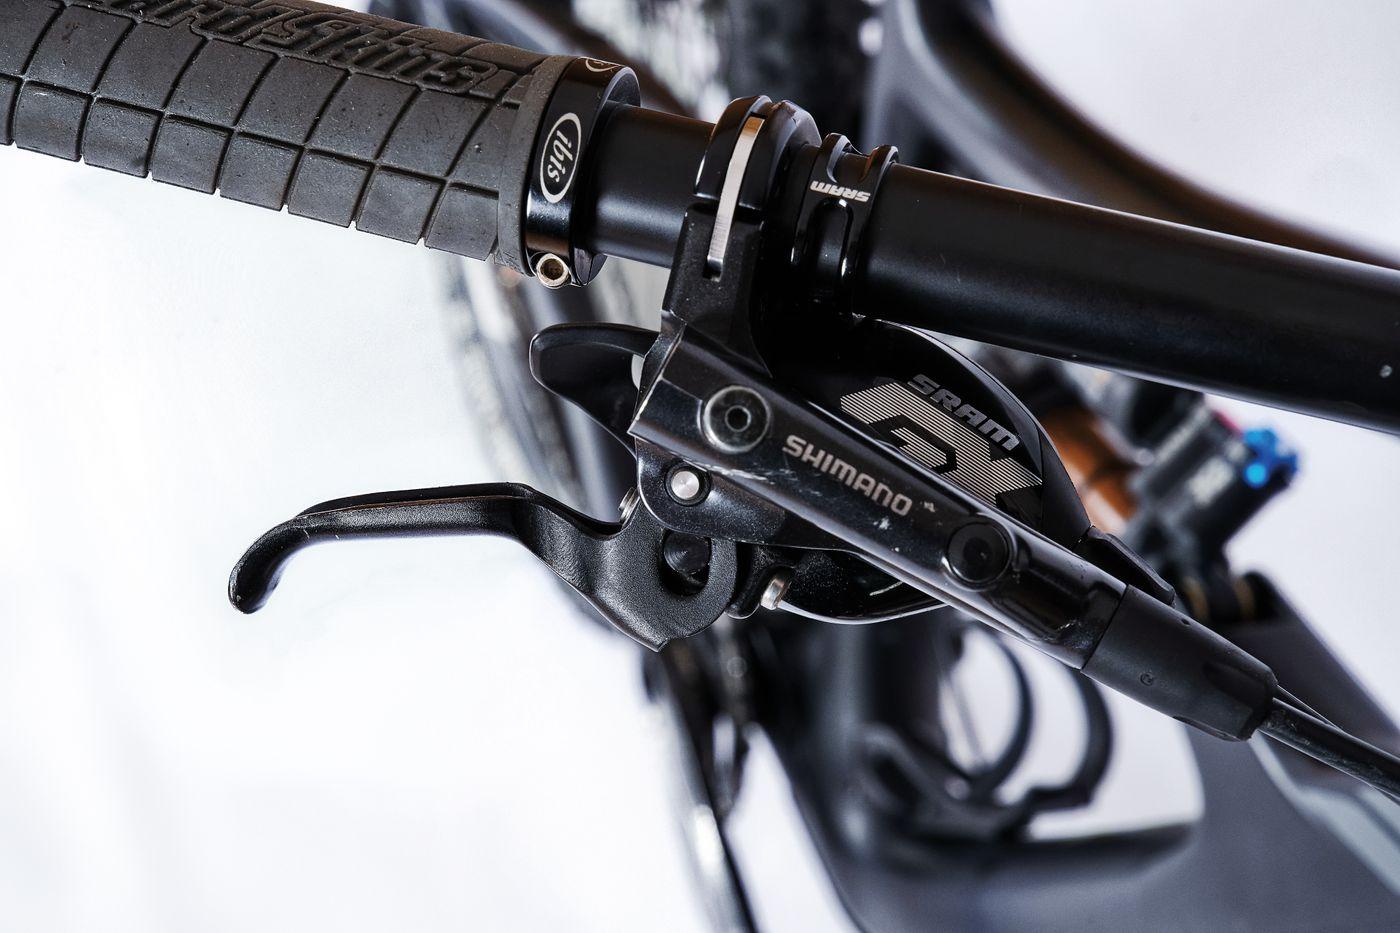 Ibis Ripmo GX - Shimano XT Bremse